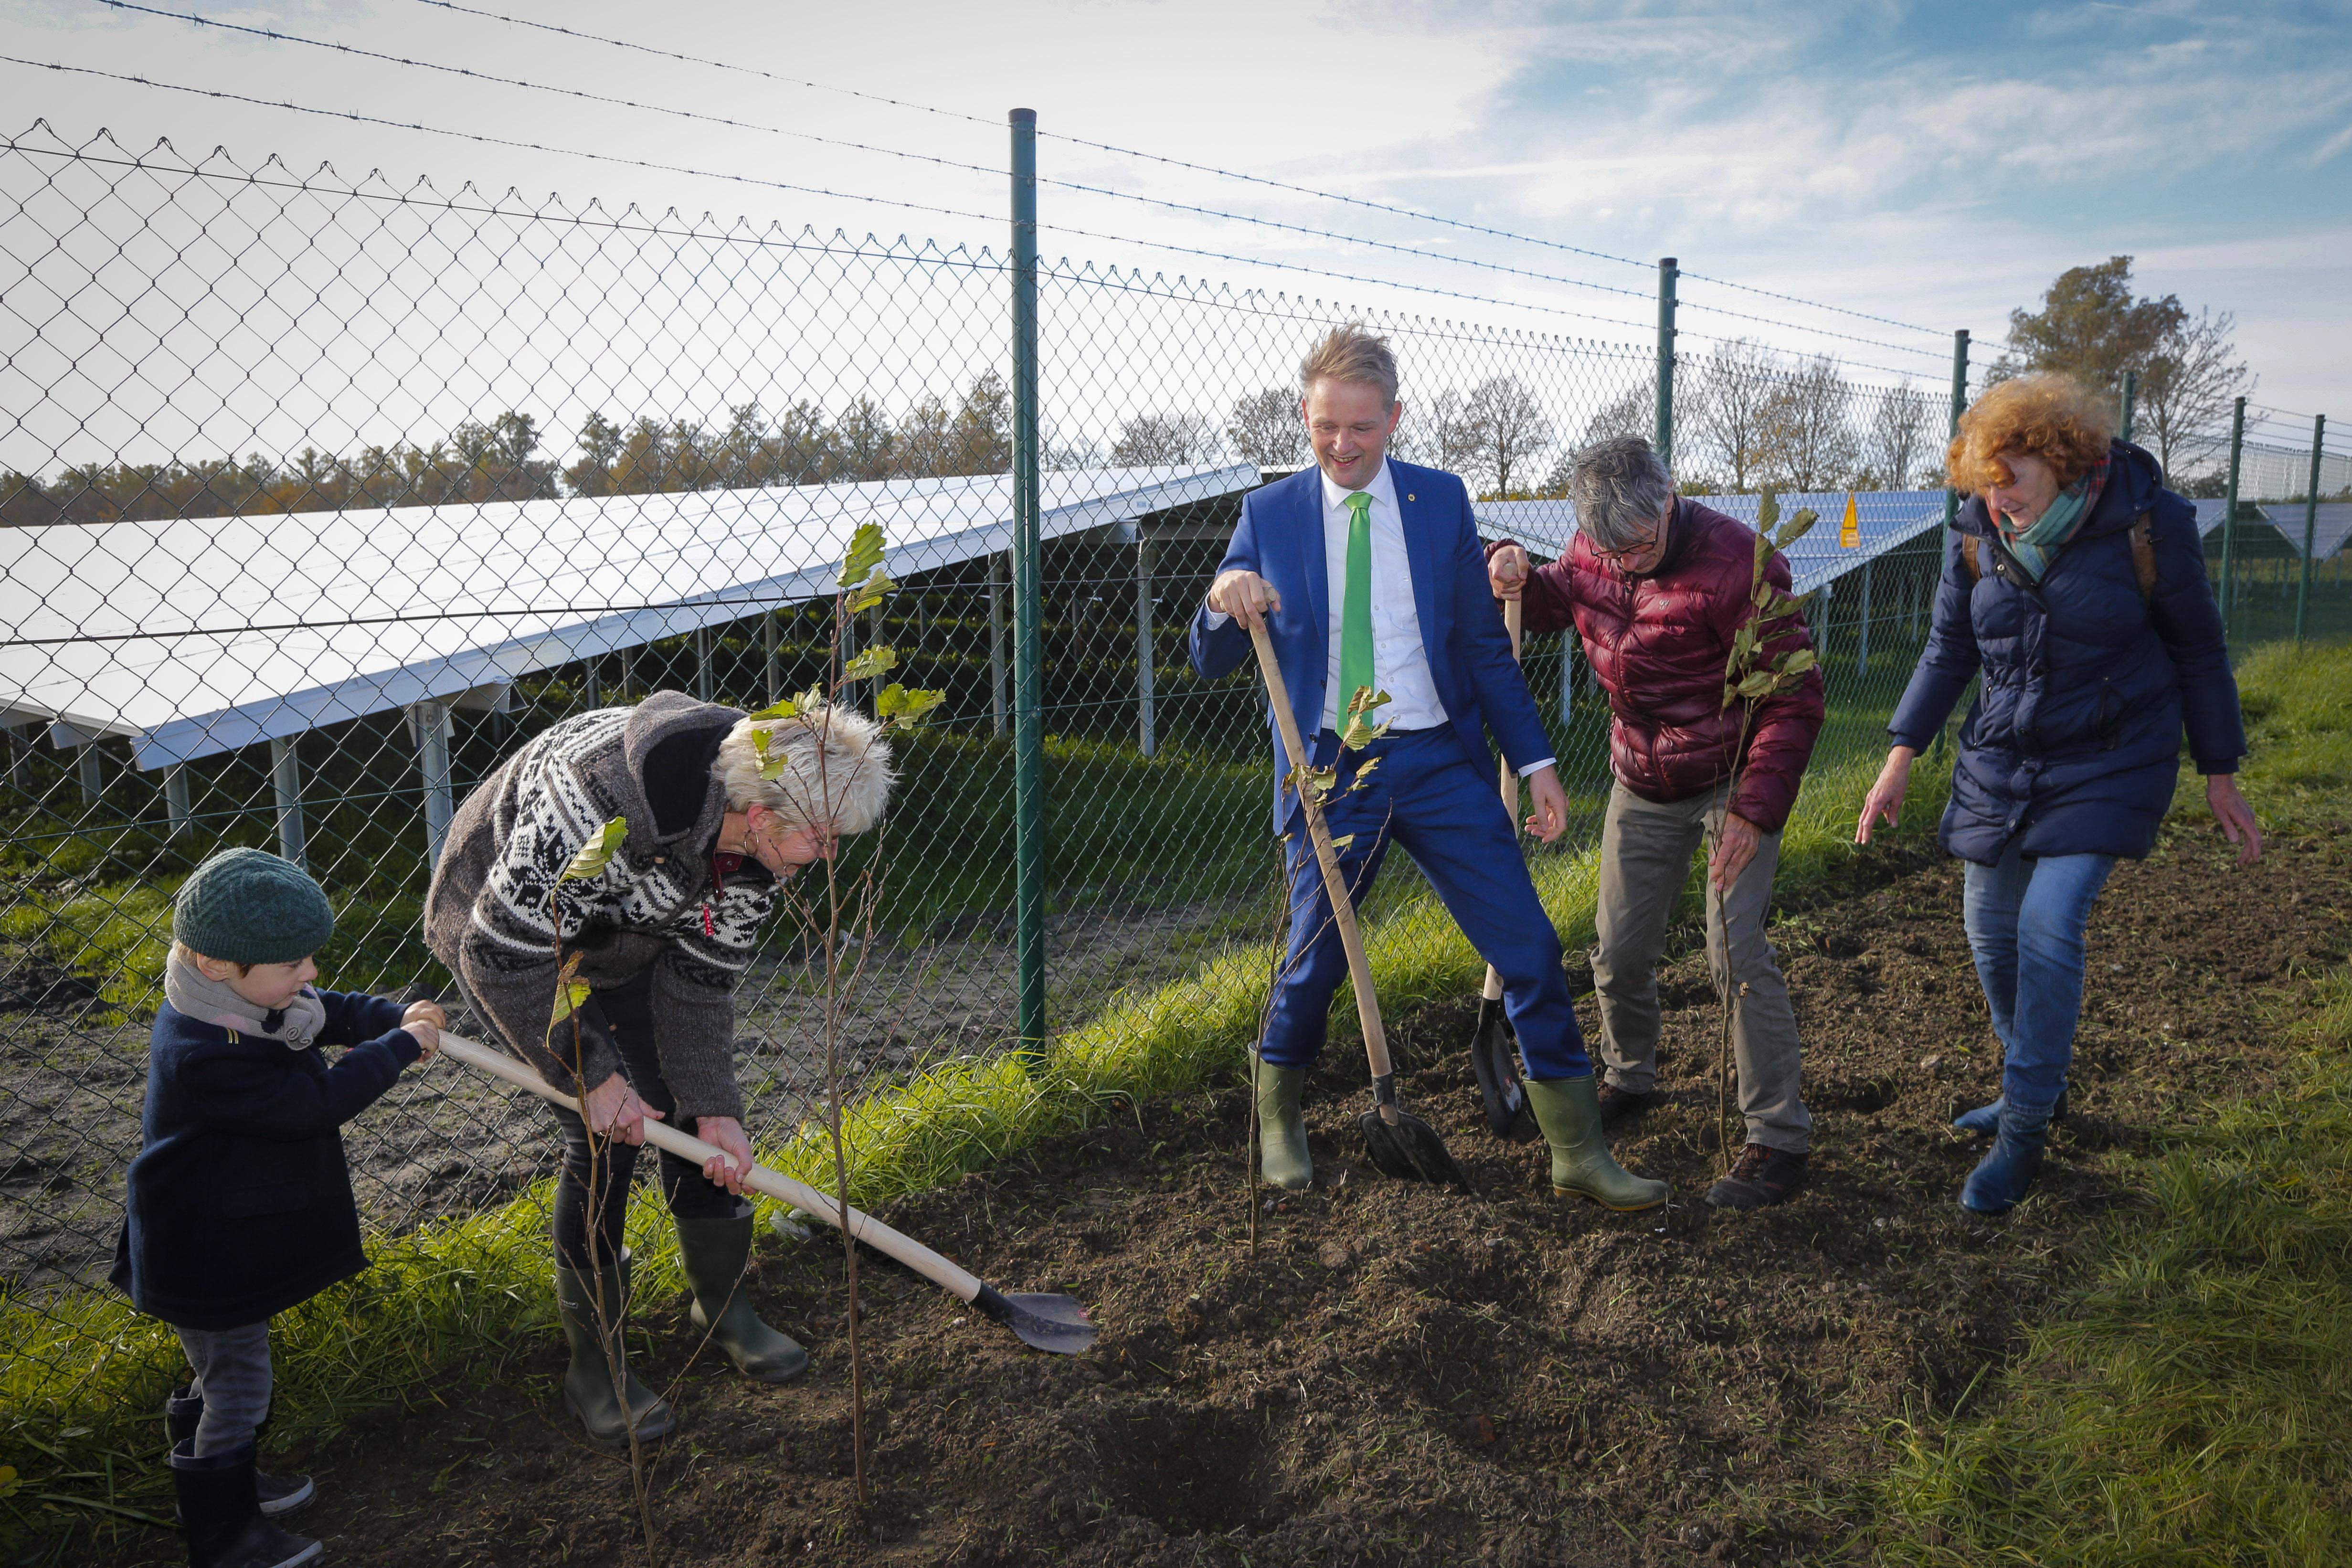 Het zonnepark moet goed ingepast worden in het landschap. Daarop opent wethouder Nederpelt het zonnepark met het planten van de eerste bomen en struiken van de omsluitende bomenhaag. (Foto: aangeleverd)